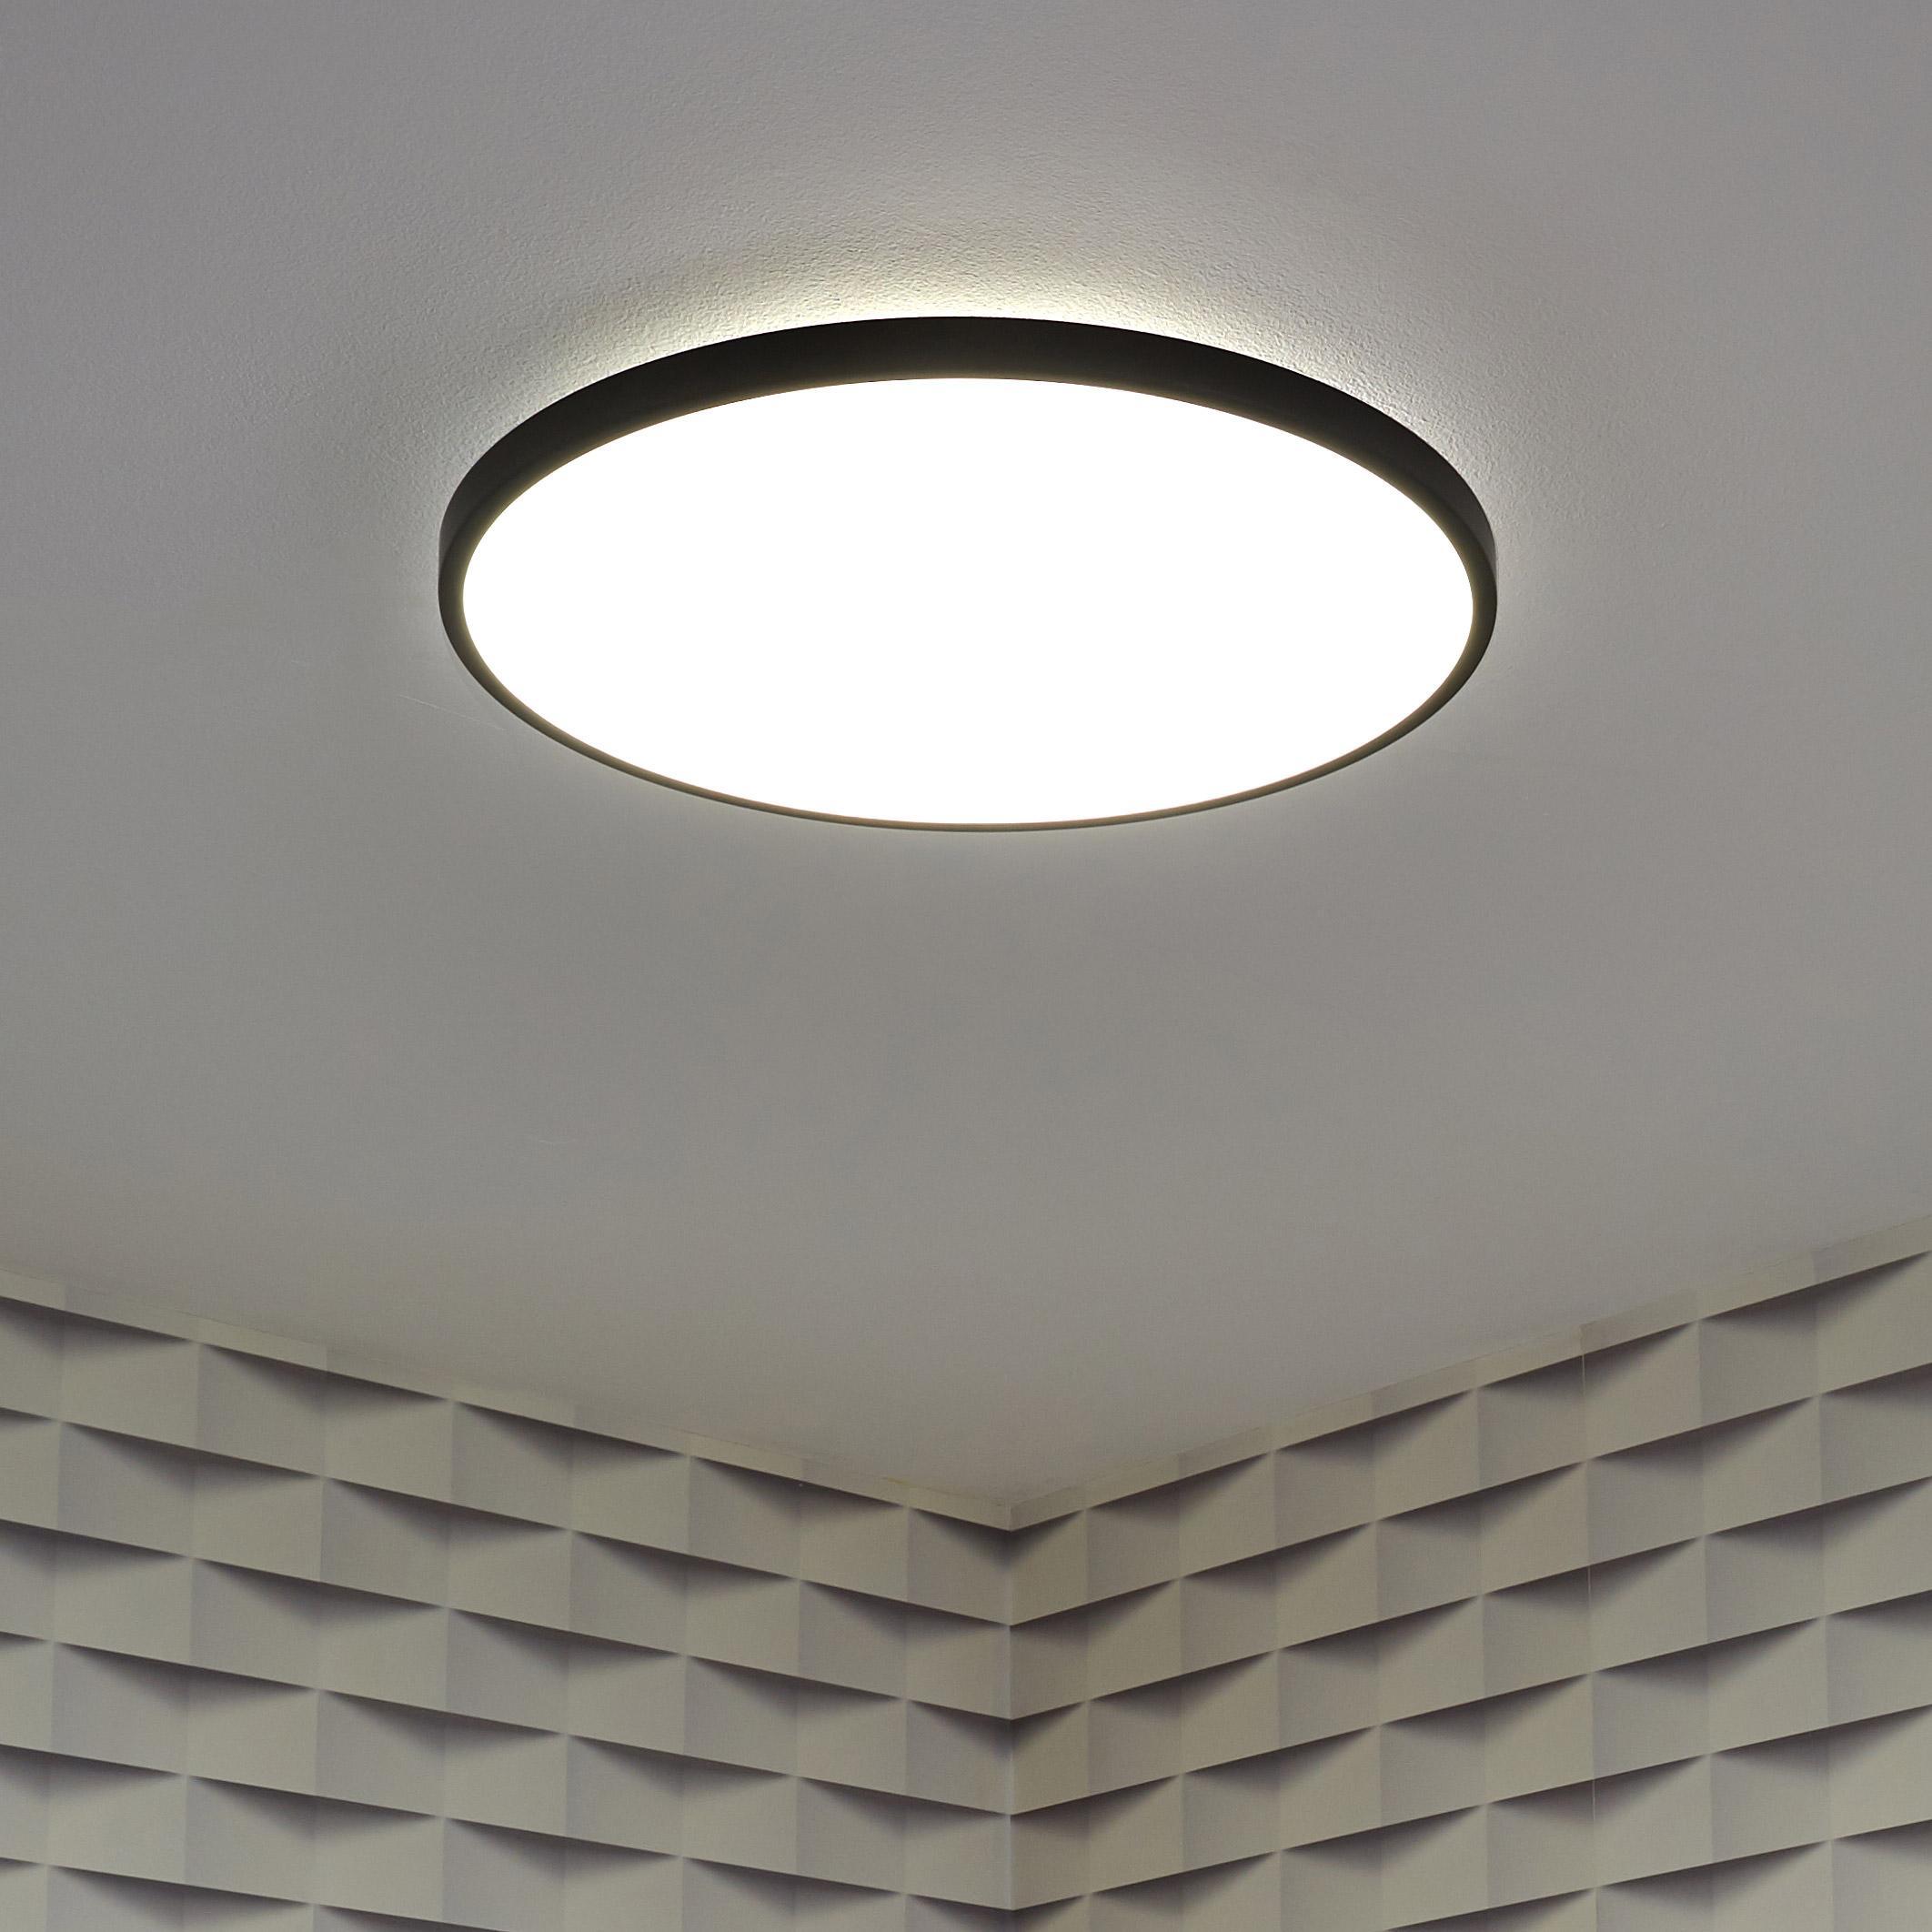 Panneau LED diam 40 cm, 22 W, éclairage indirect, blanc chaud à froid, noir